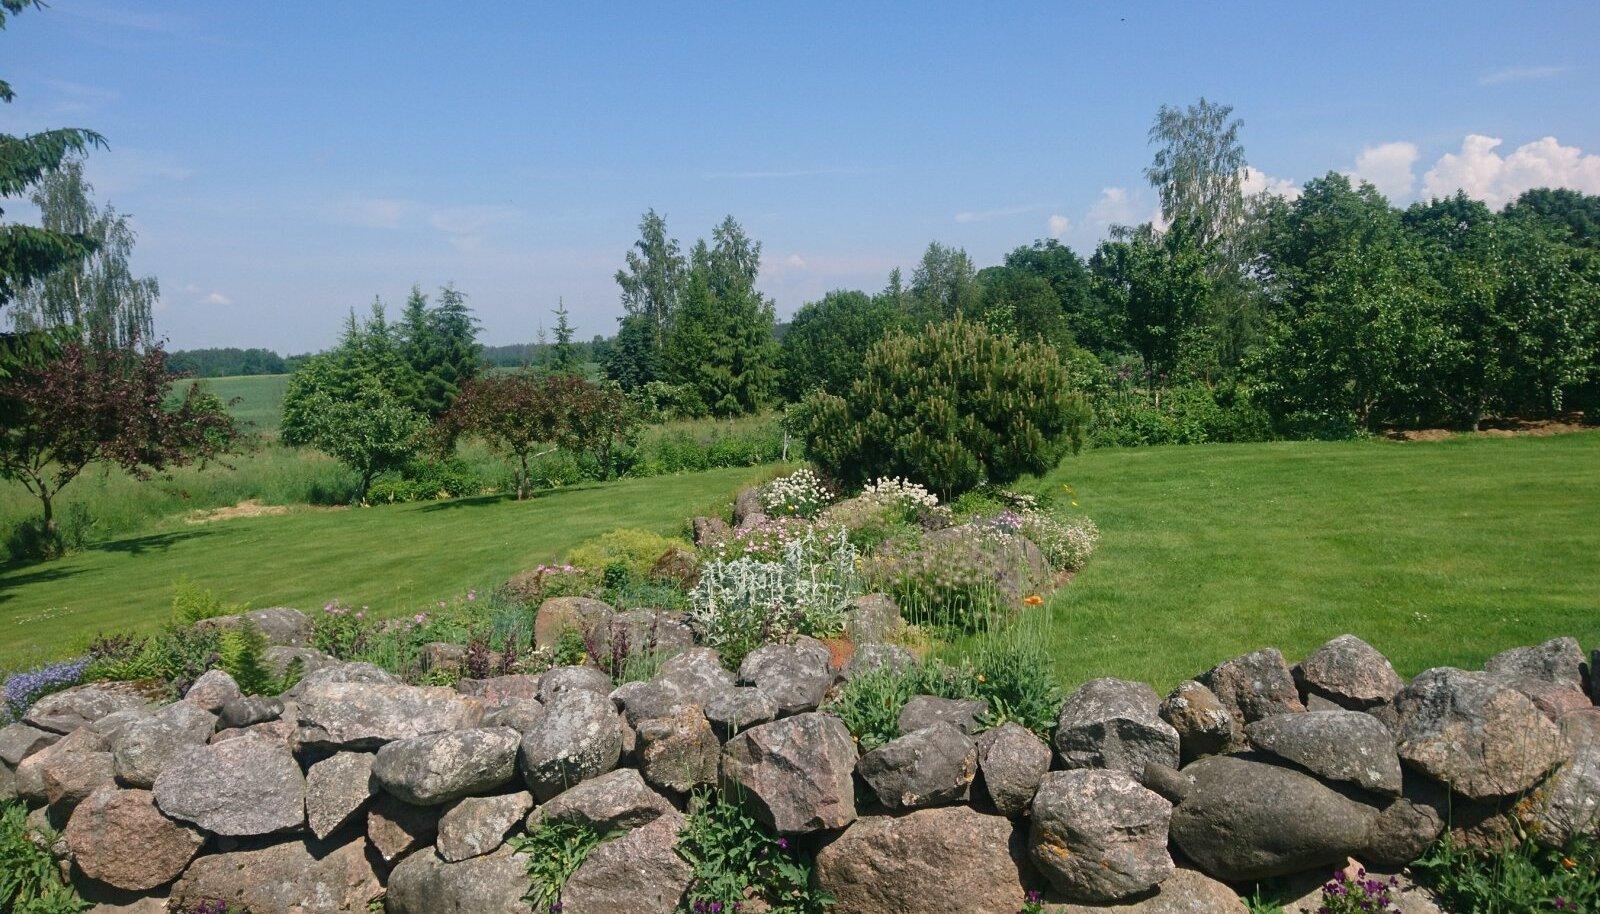 Palusalu aias pole ühtegi kohta, mis lihtsalt oleks. Isegi kivikuhjast on saanud aed ja kiviktaimla ning seeläbi vaatamisäärsus.